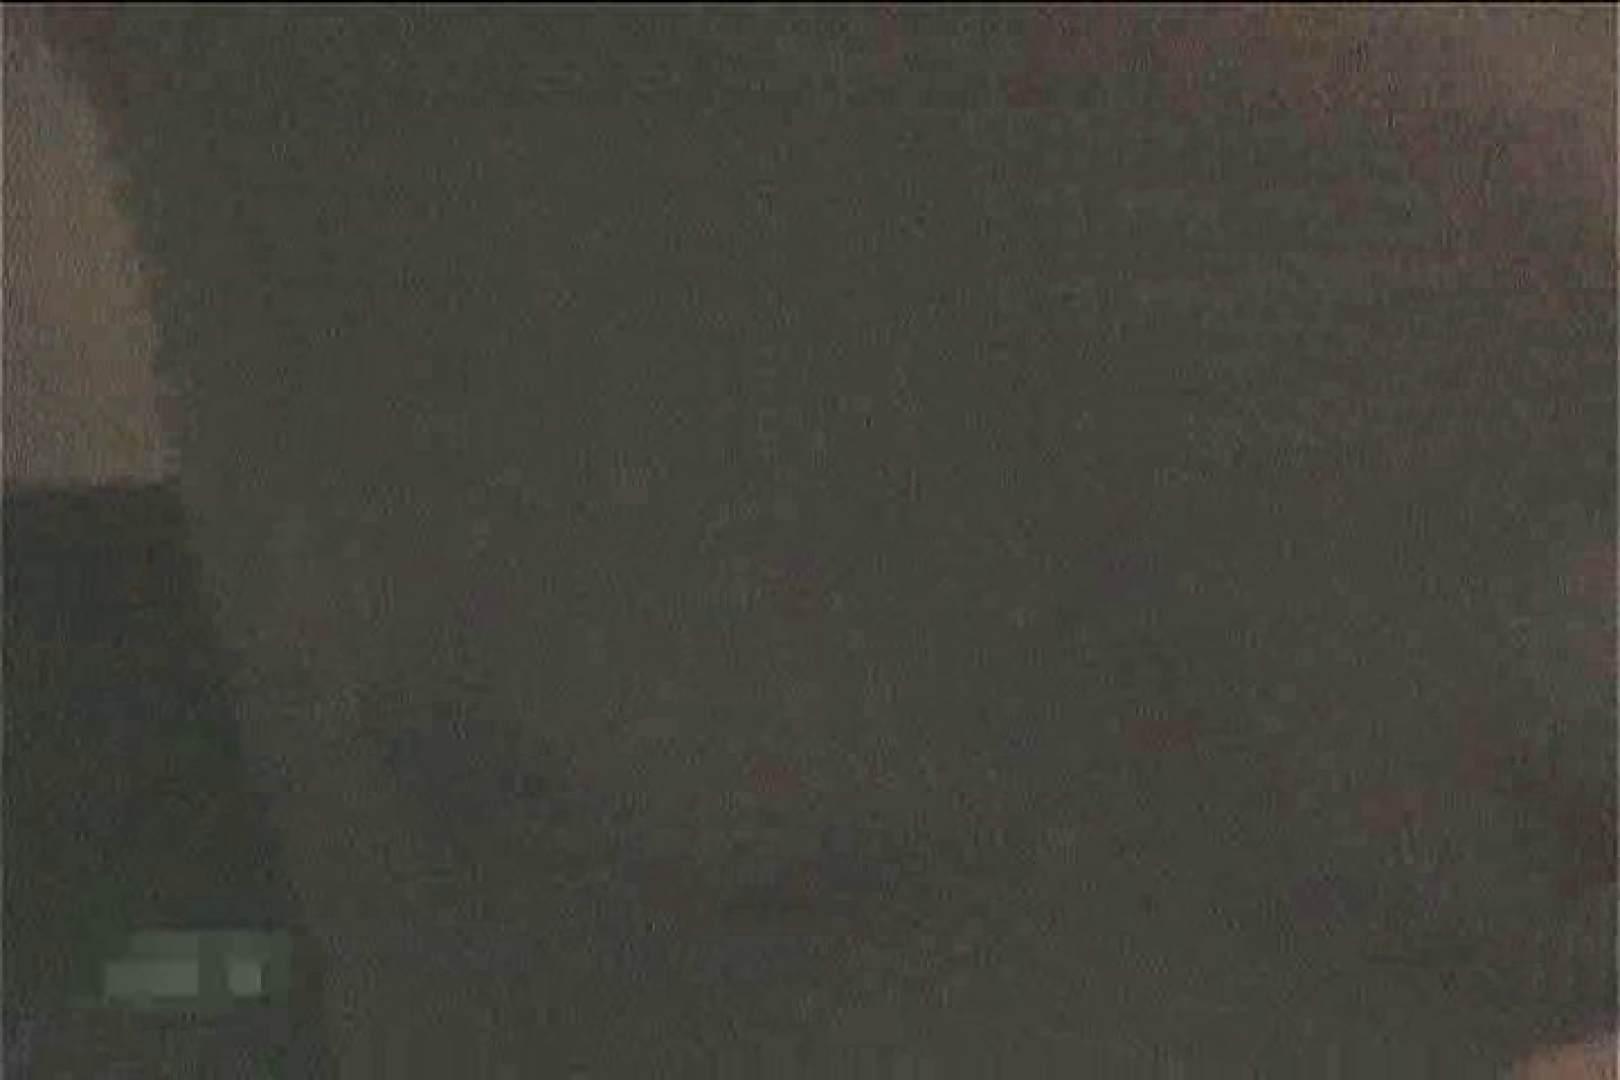 全裸で発情!!家族風呂の実態Vol.3 盗撮 おまんこ動画流出 52PICs 51